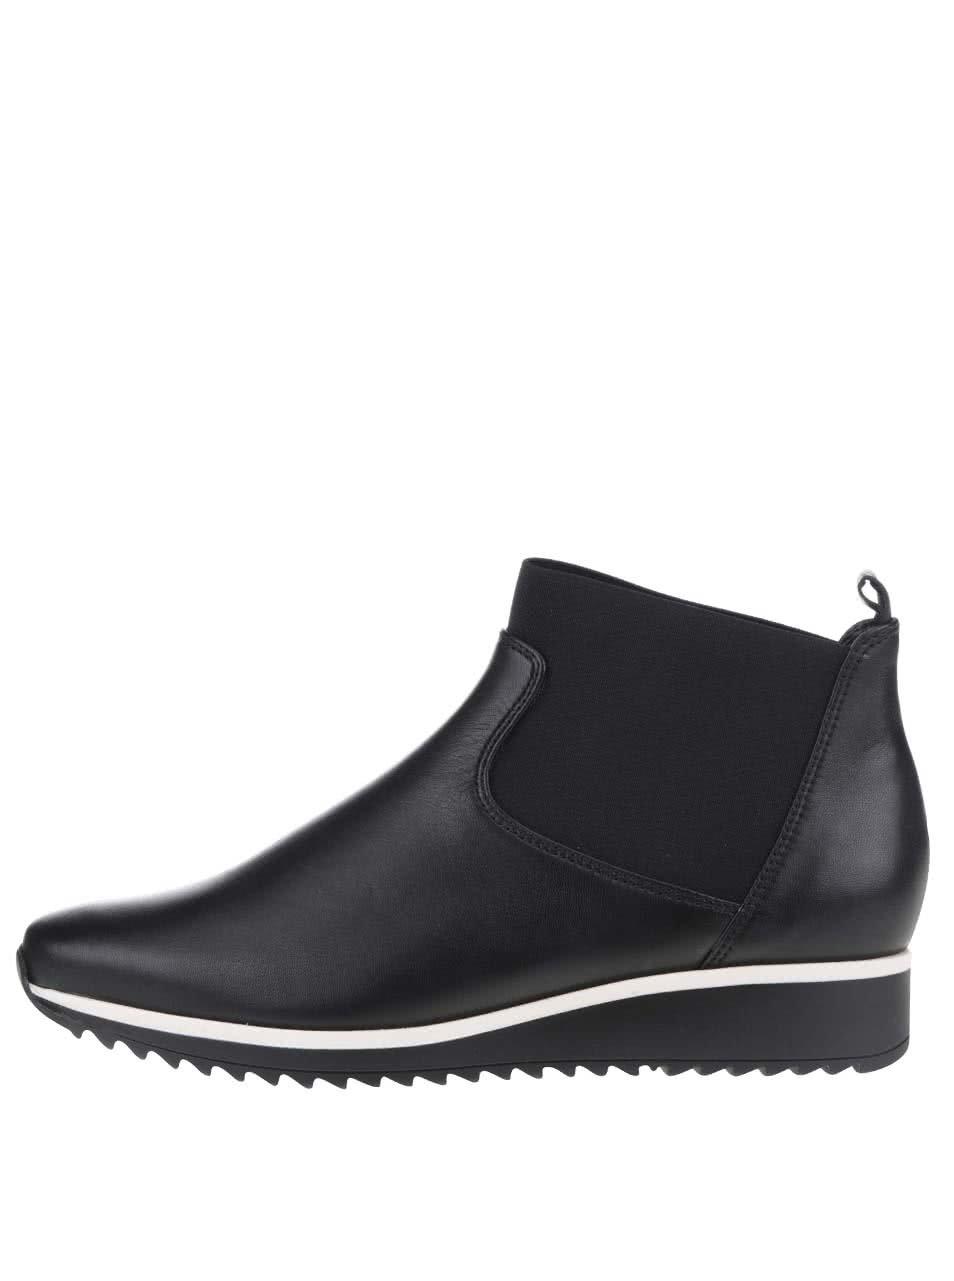 Černé dámské kožené chelsea boty Högl